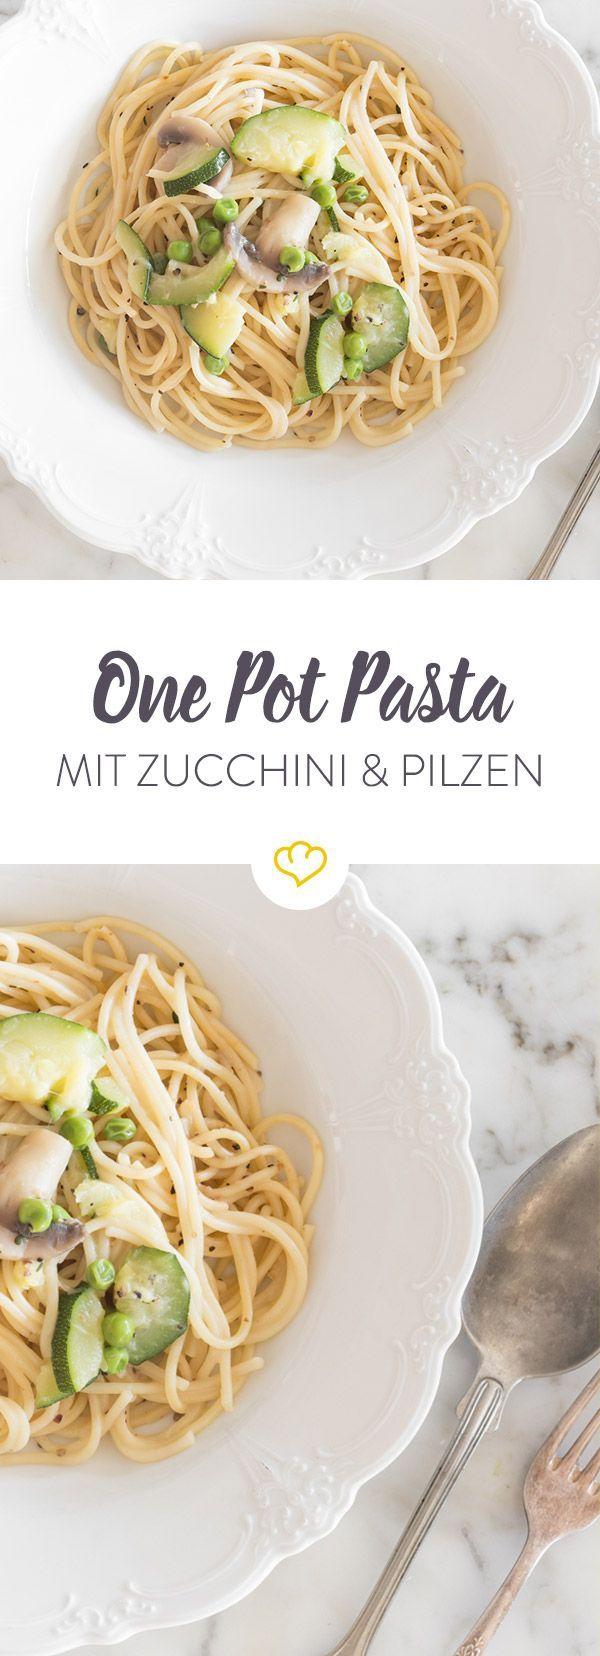 Ein wunderbar cremiges Pasta-Gericht, das du in nur 20 Minuten zubereitet hast. Nudeln, Gemüse und restliche Zutaten in den Topf geben und aufkochen.